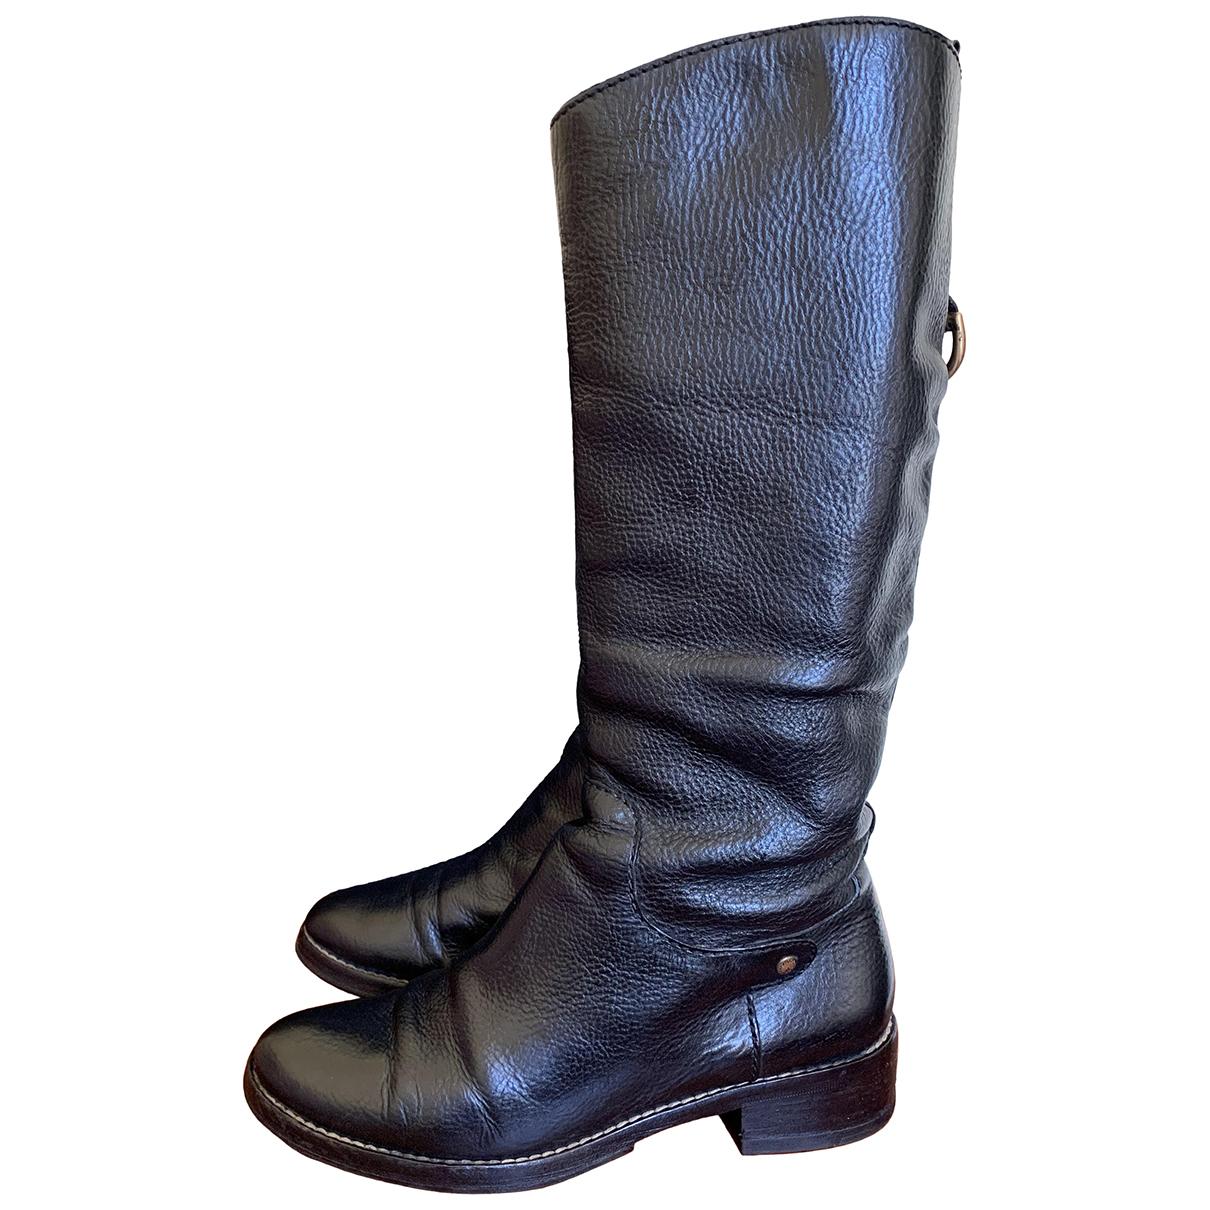 D&g - Bottes   pour femme en cuir - noir